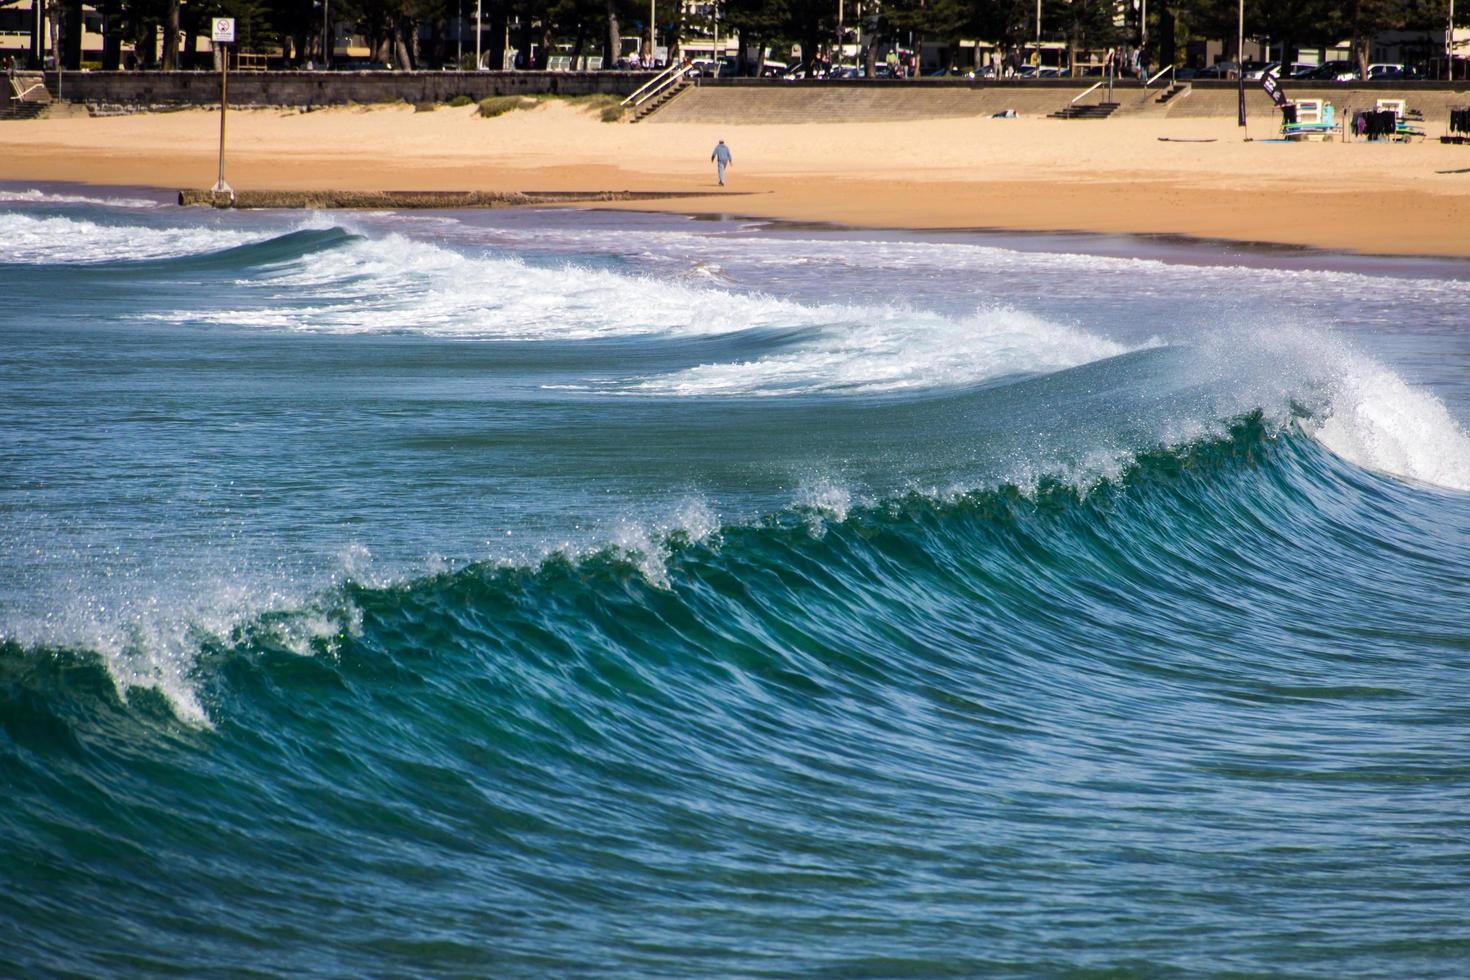 Manly Beach, Australie, 2020 - vagues près de la plage pendant la journée photo